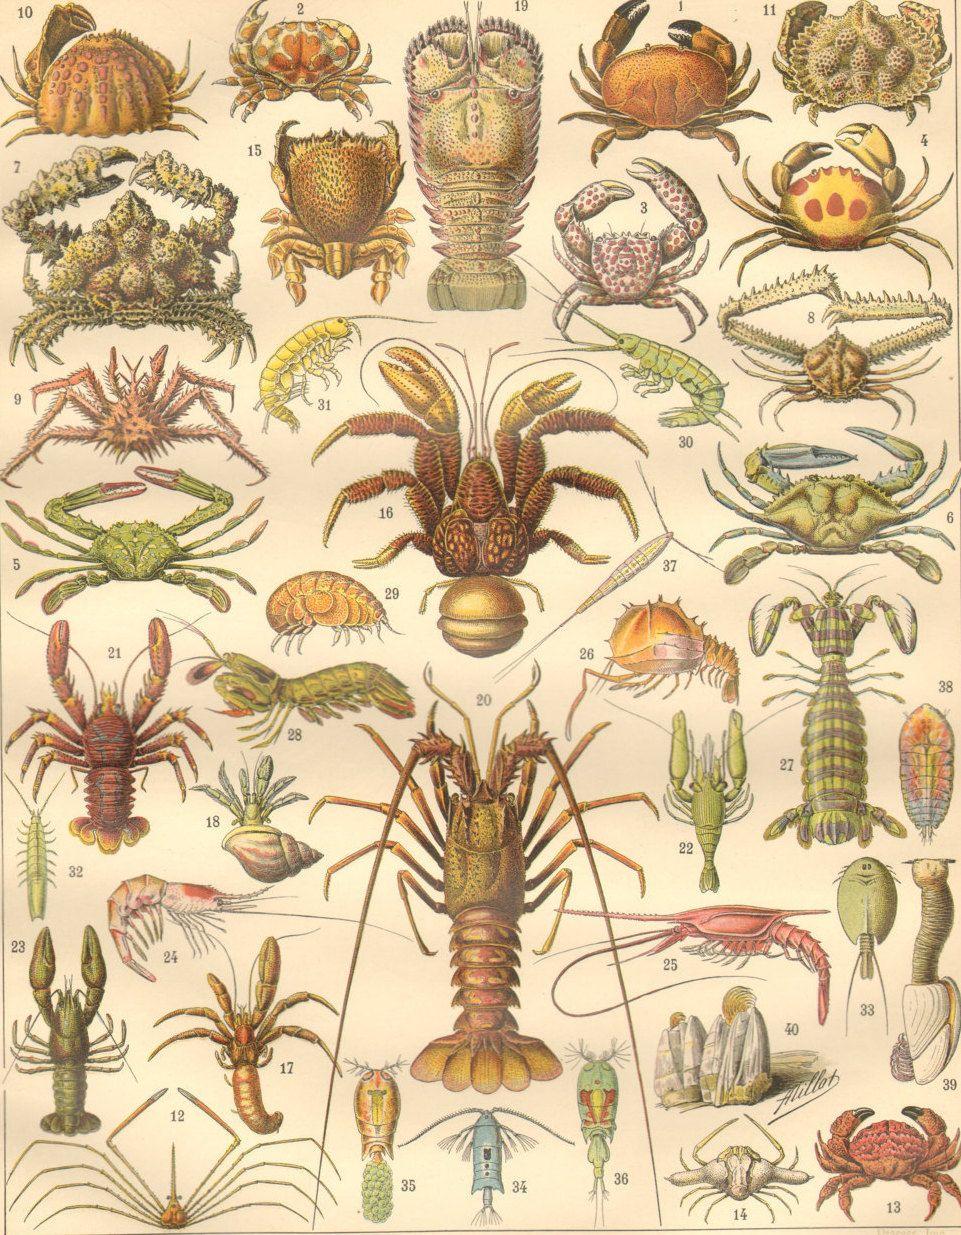 1890 u0027s antique crustaceans print french ocean larousse crustaces